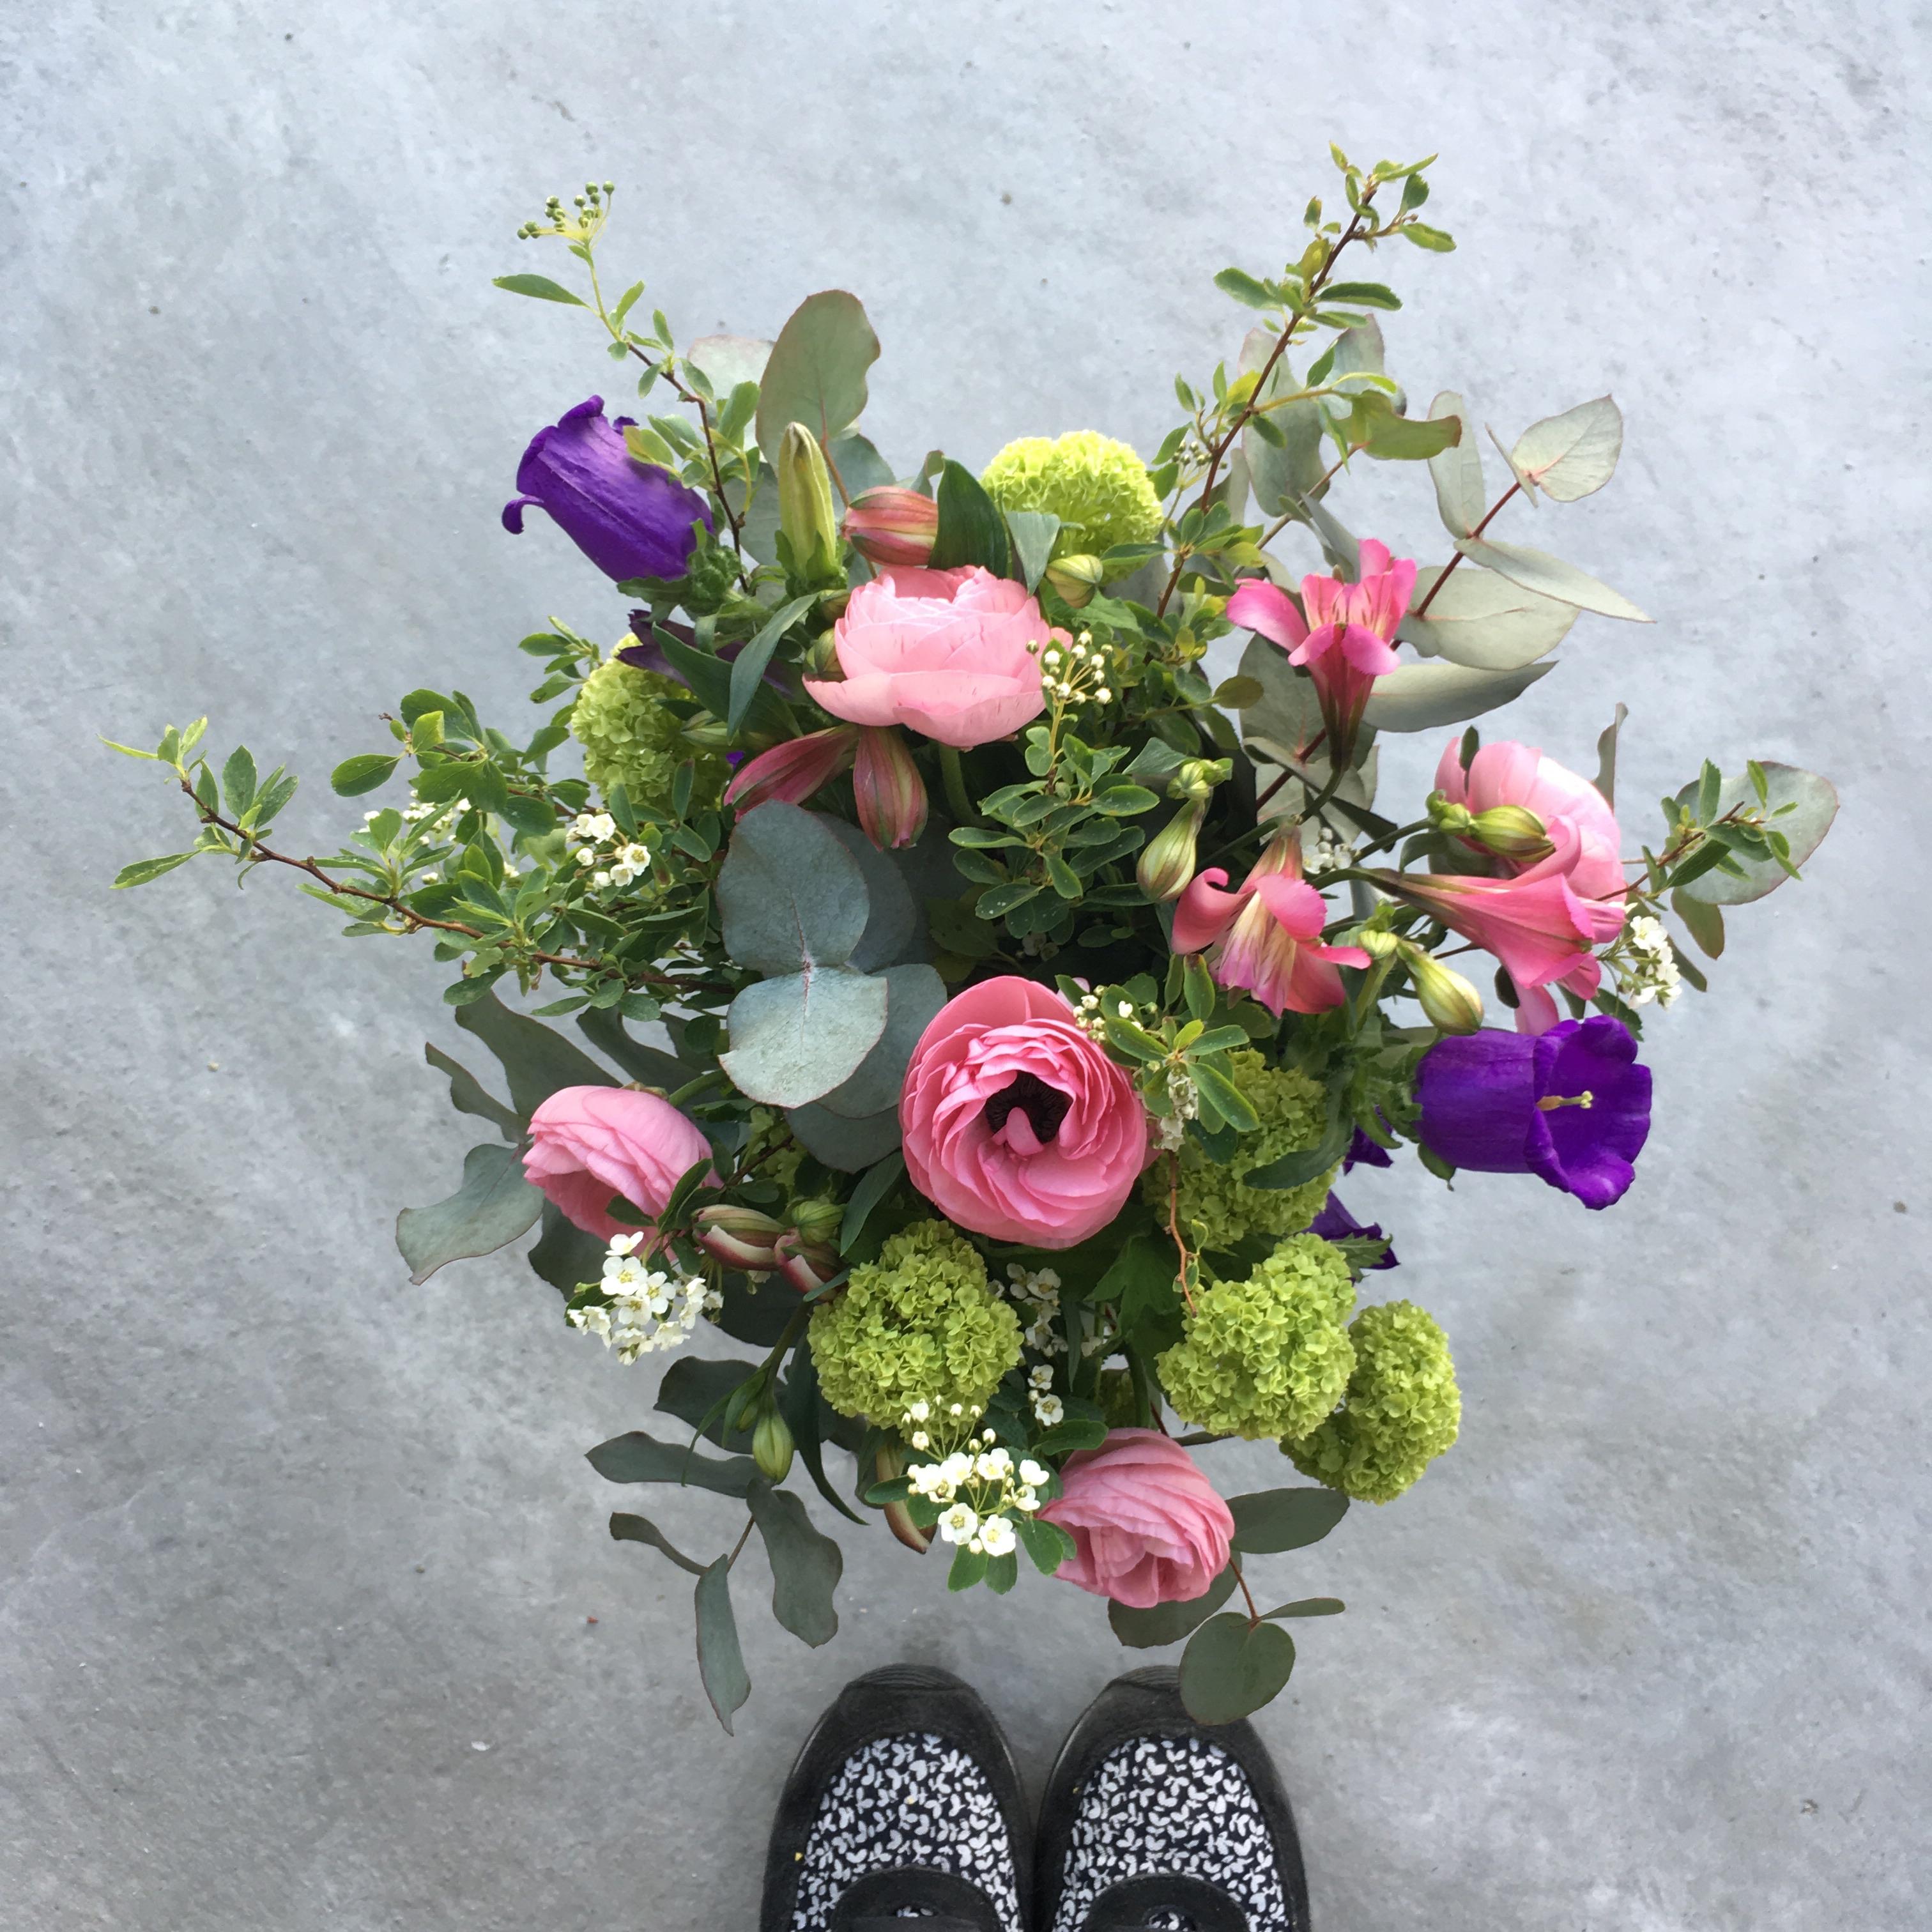 lebci fleuriste bordeaux bouquet